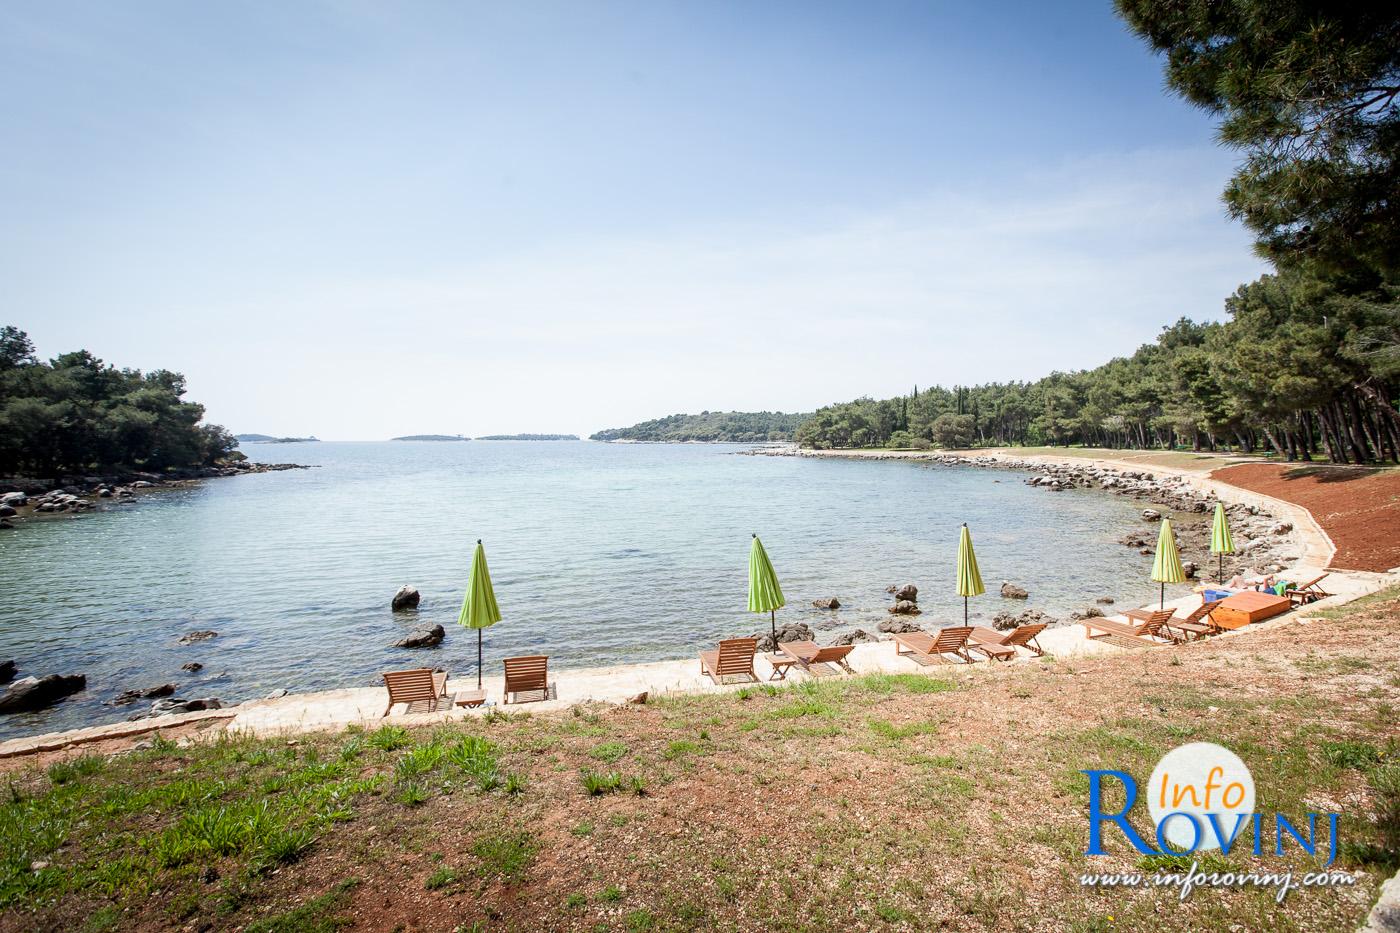 spiagge a Rovigno: Baia Cuvi